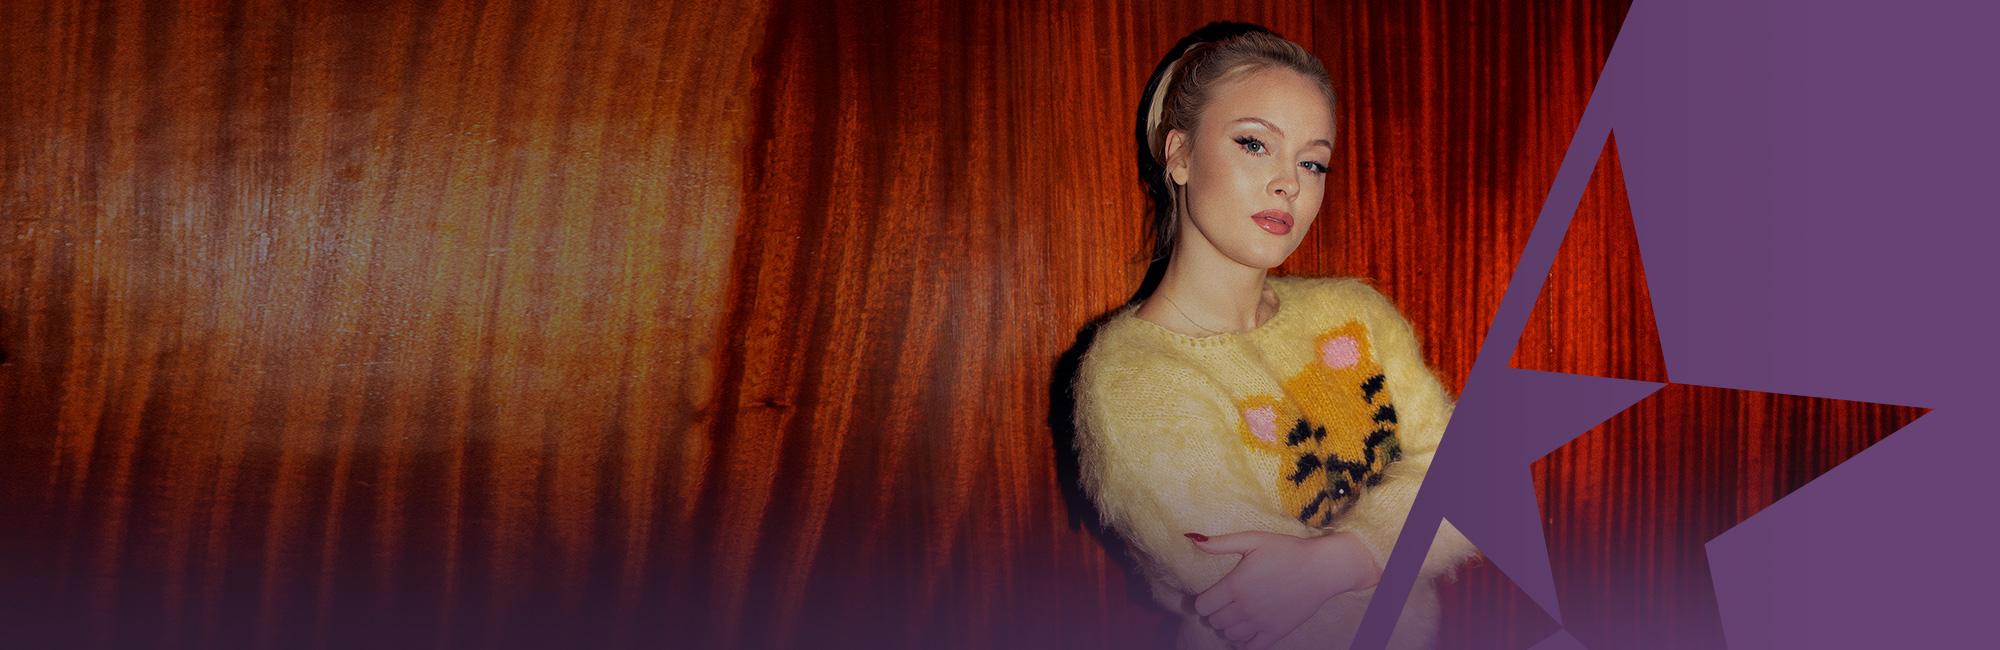 Zara Larsson Interview